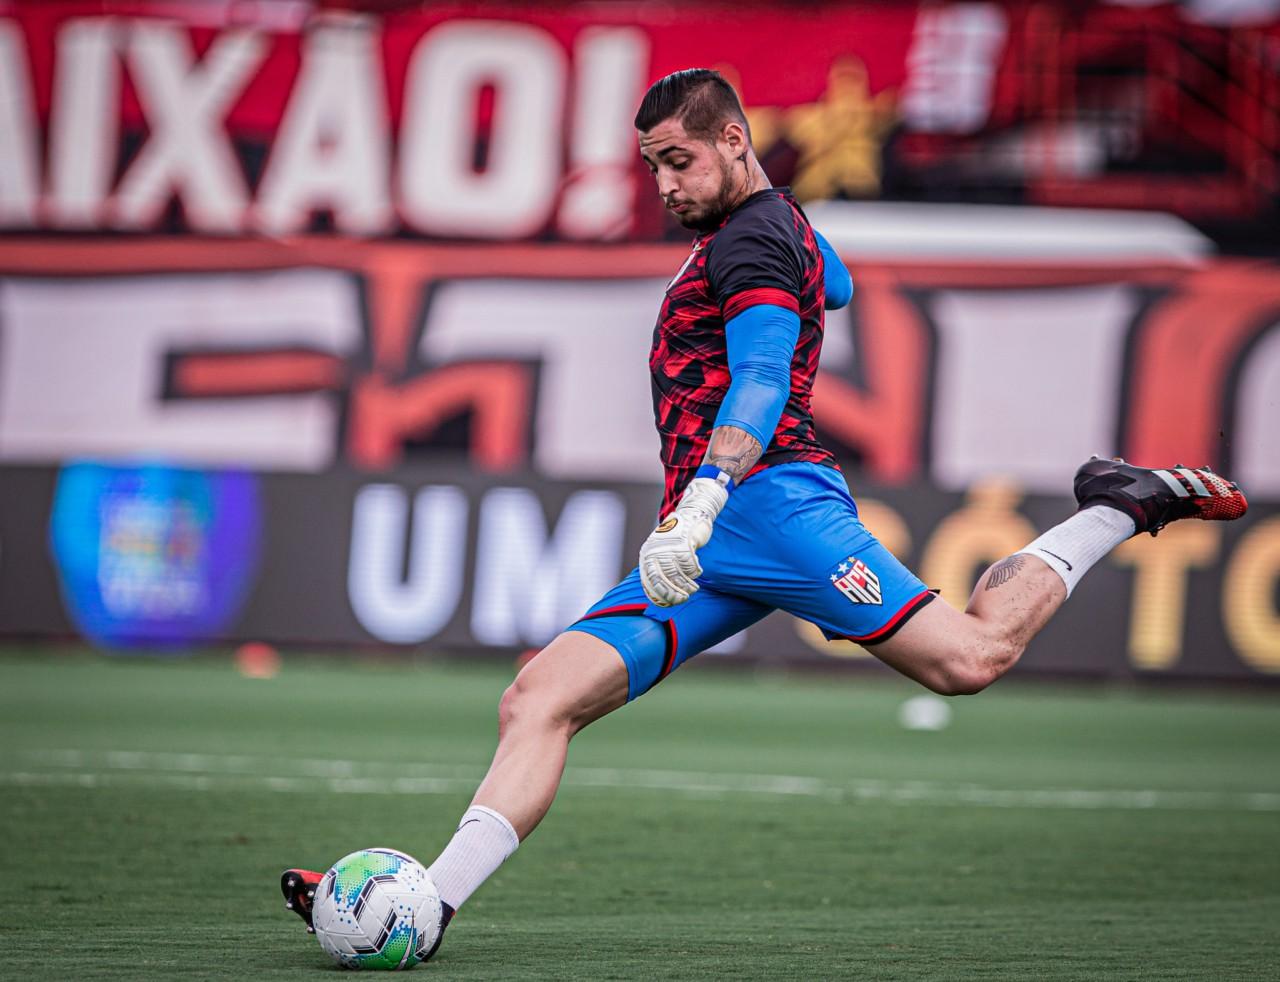 Jean defendeu o Atlético-GO na temporada 2020 - Heber Gomes/ACG